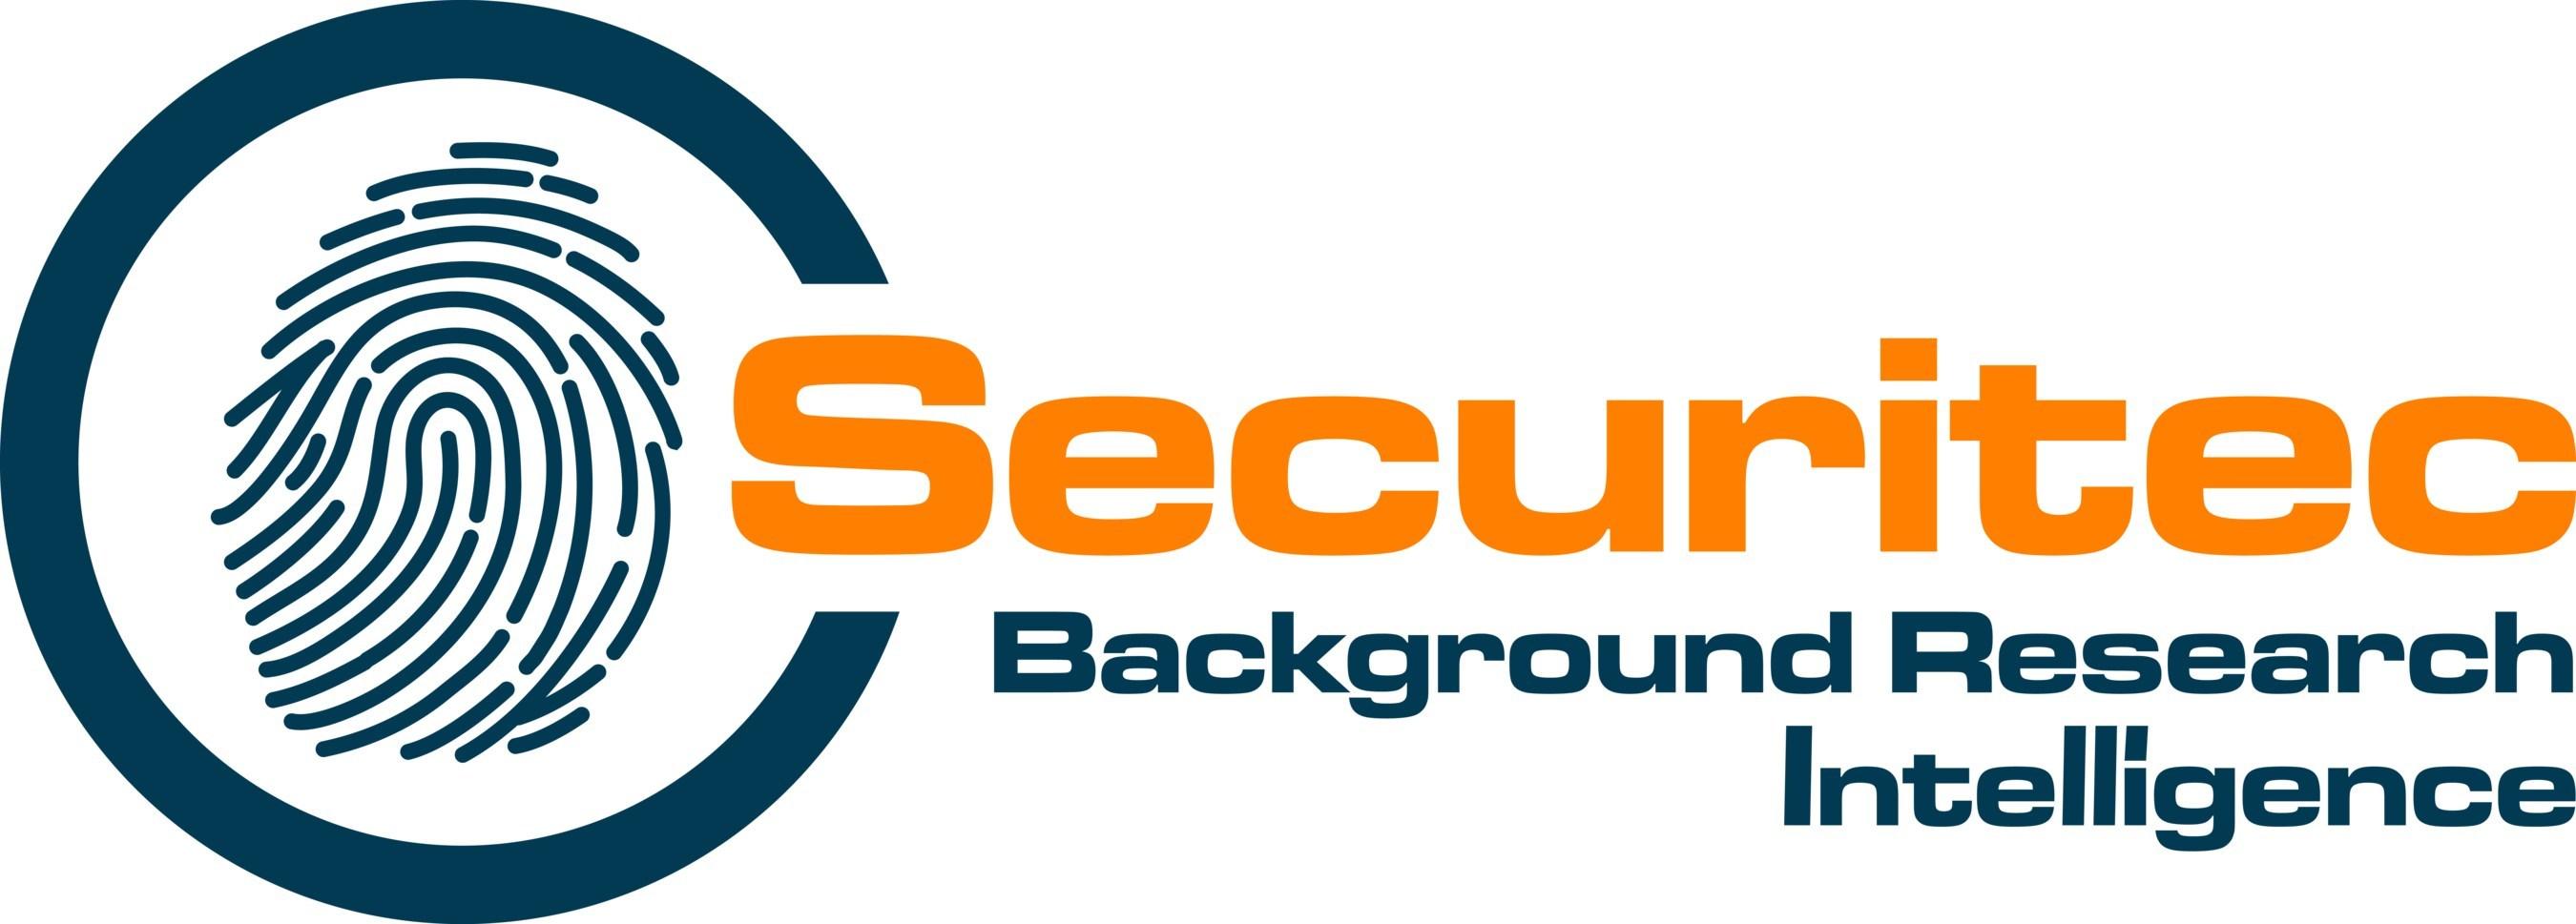 Securitec Screening Solutions, Inc.